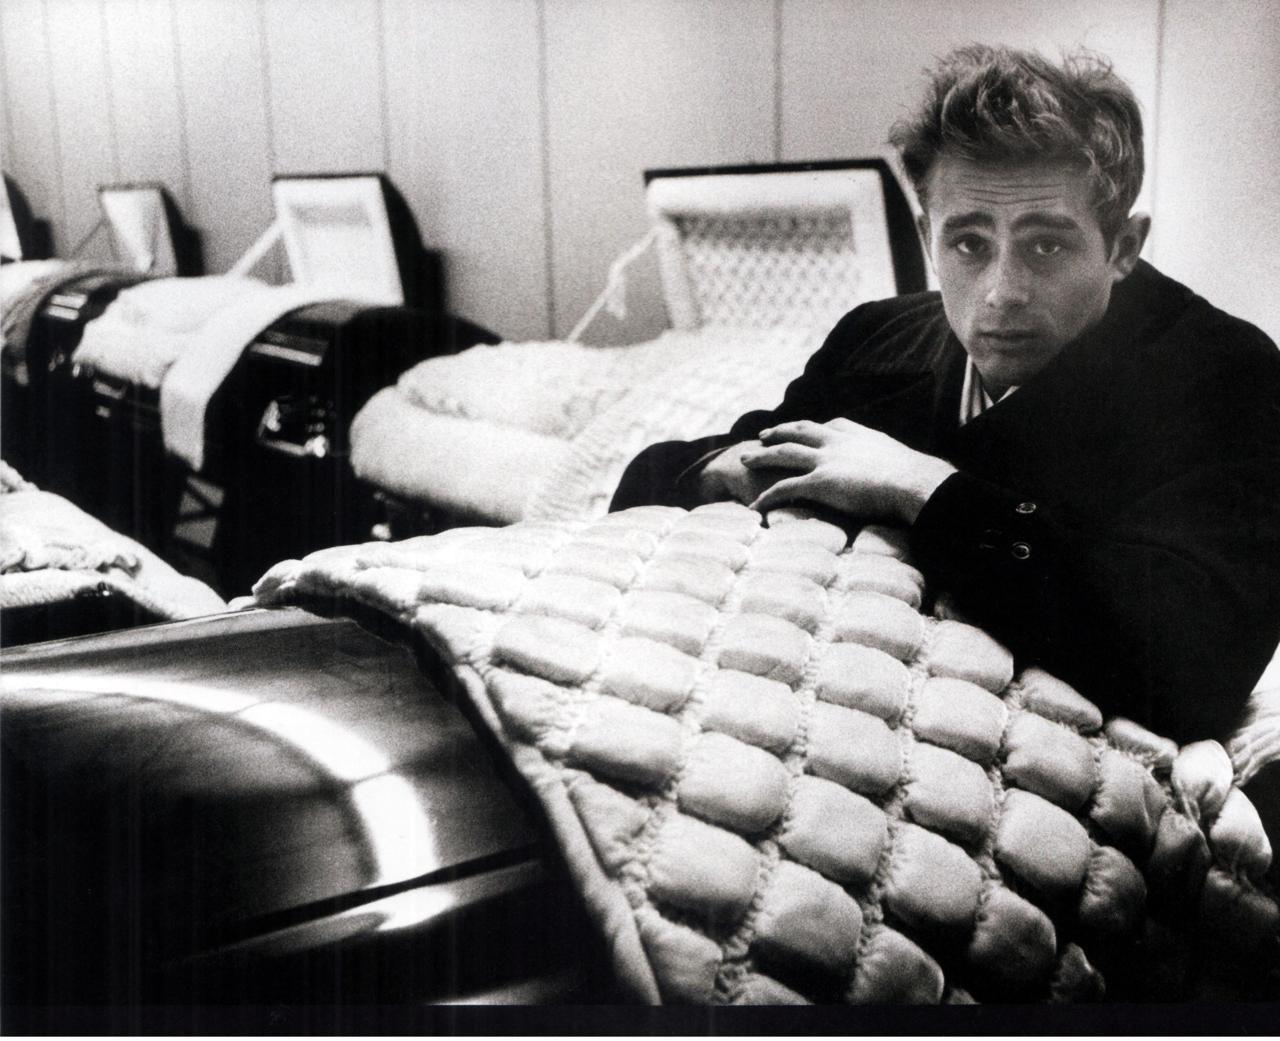 James Dean. Testing casket.